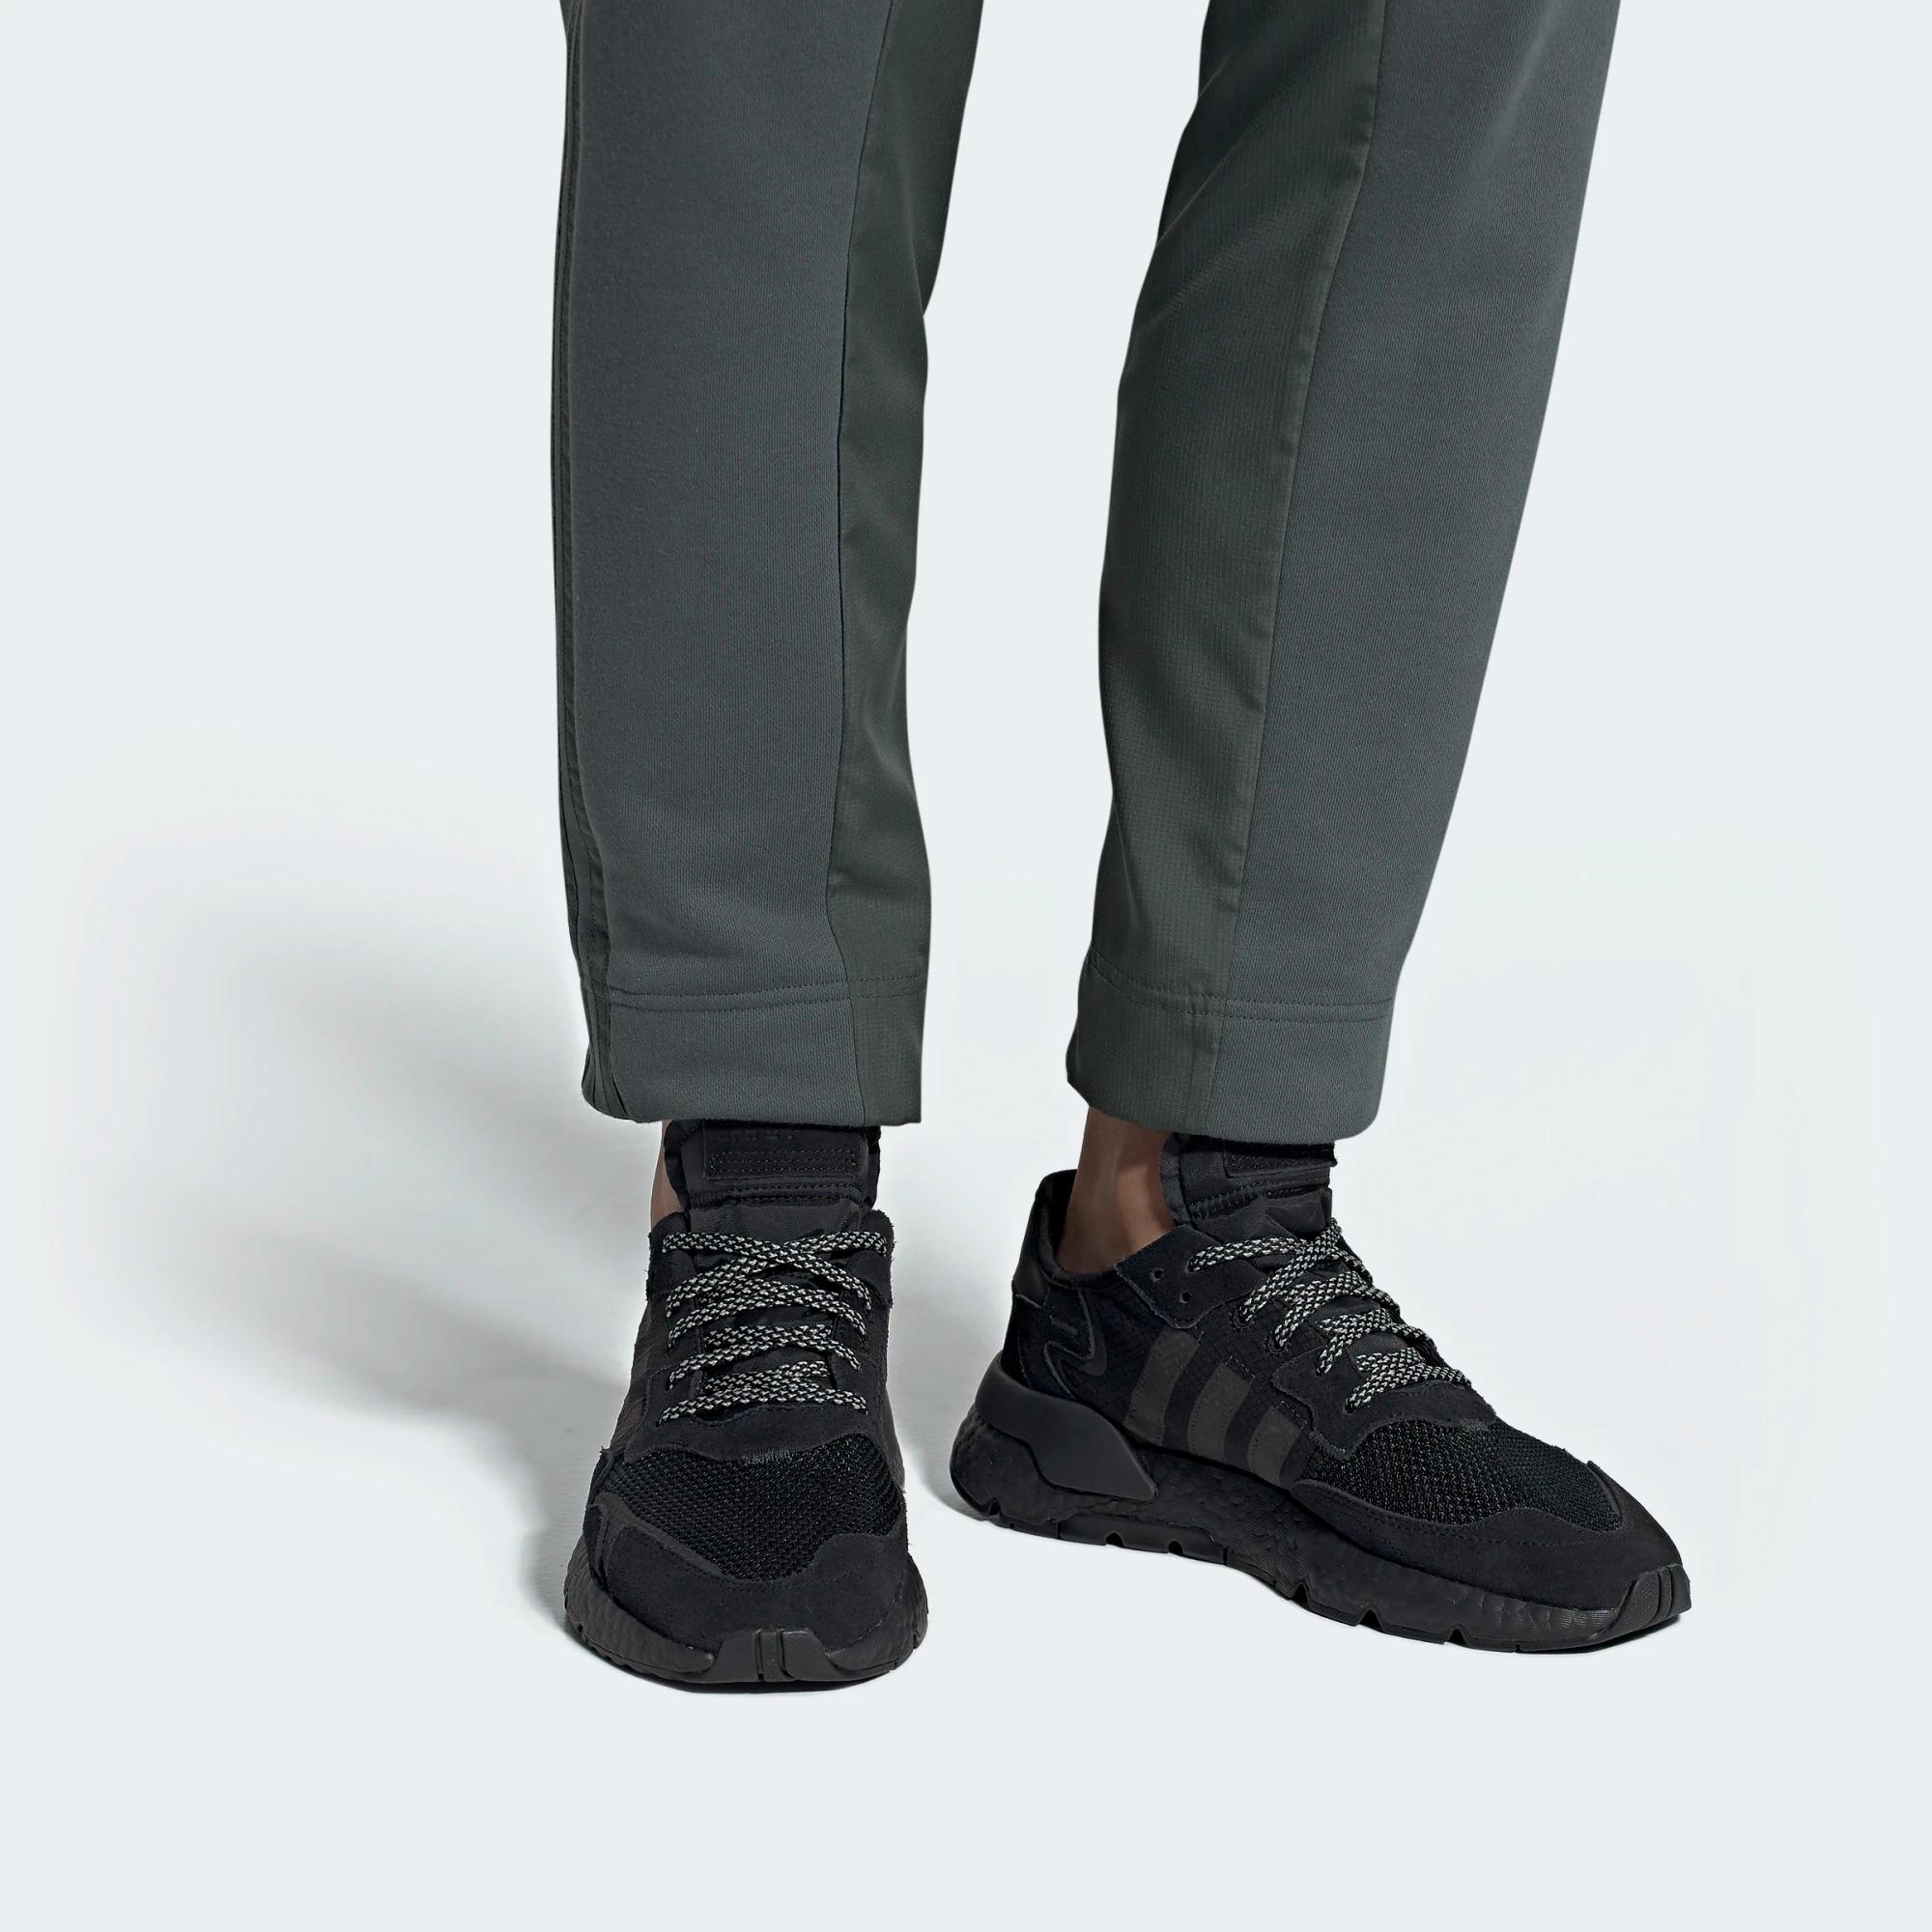 BD7954 adidas Nite Jogger Triple Black 2